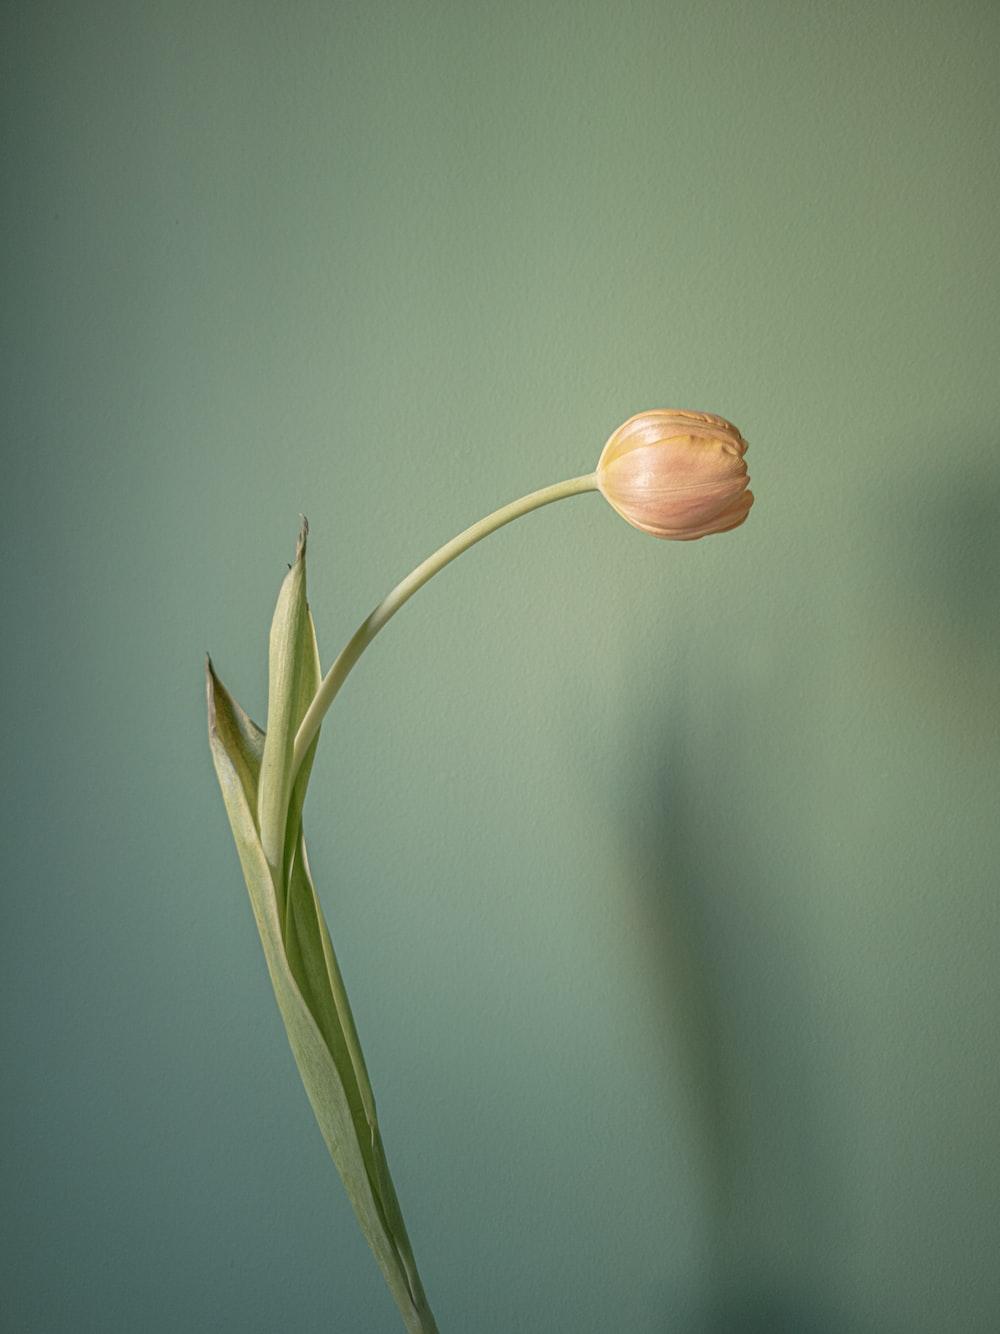 brown flower bud in tilt shift lens